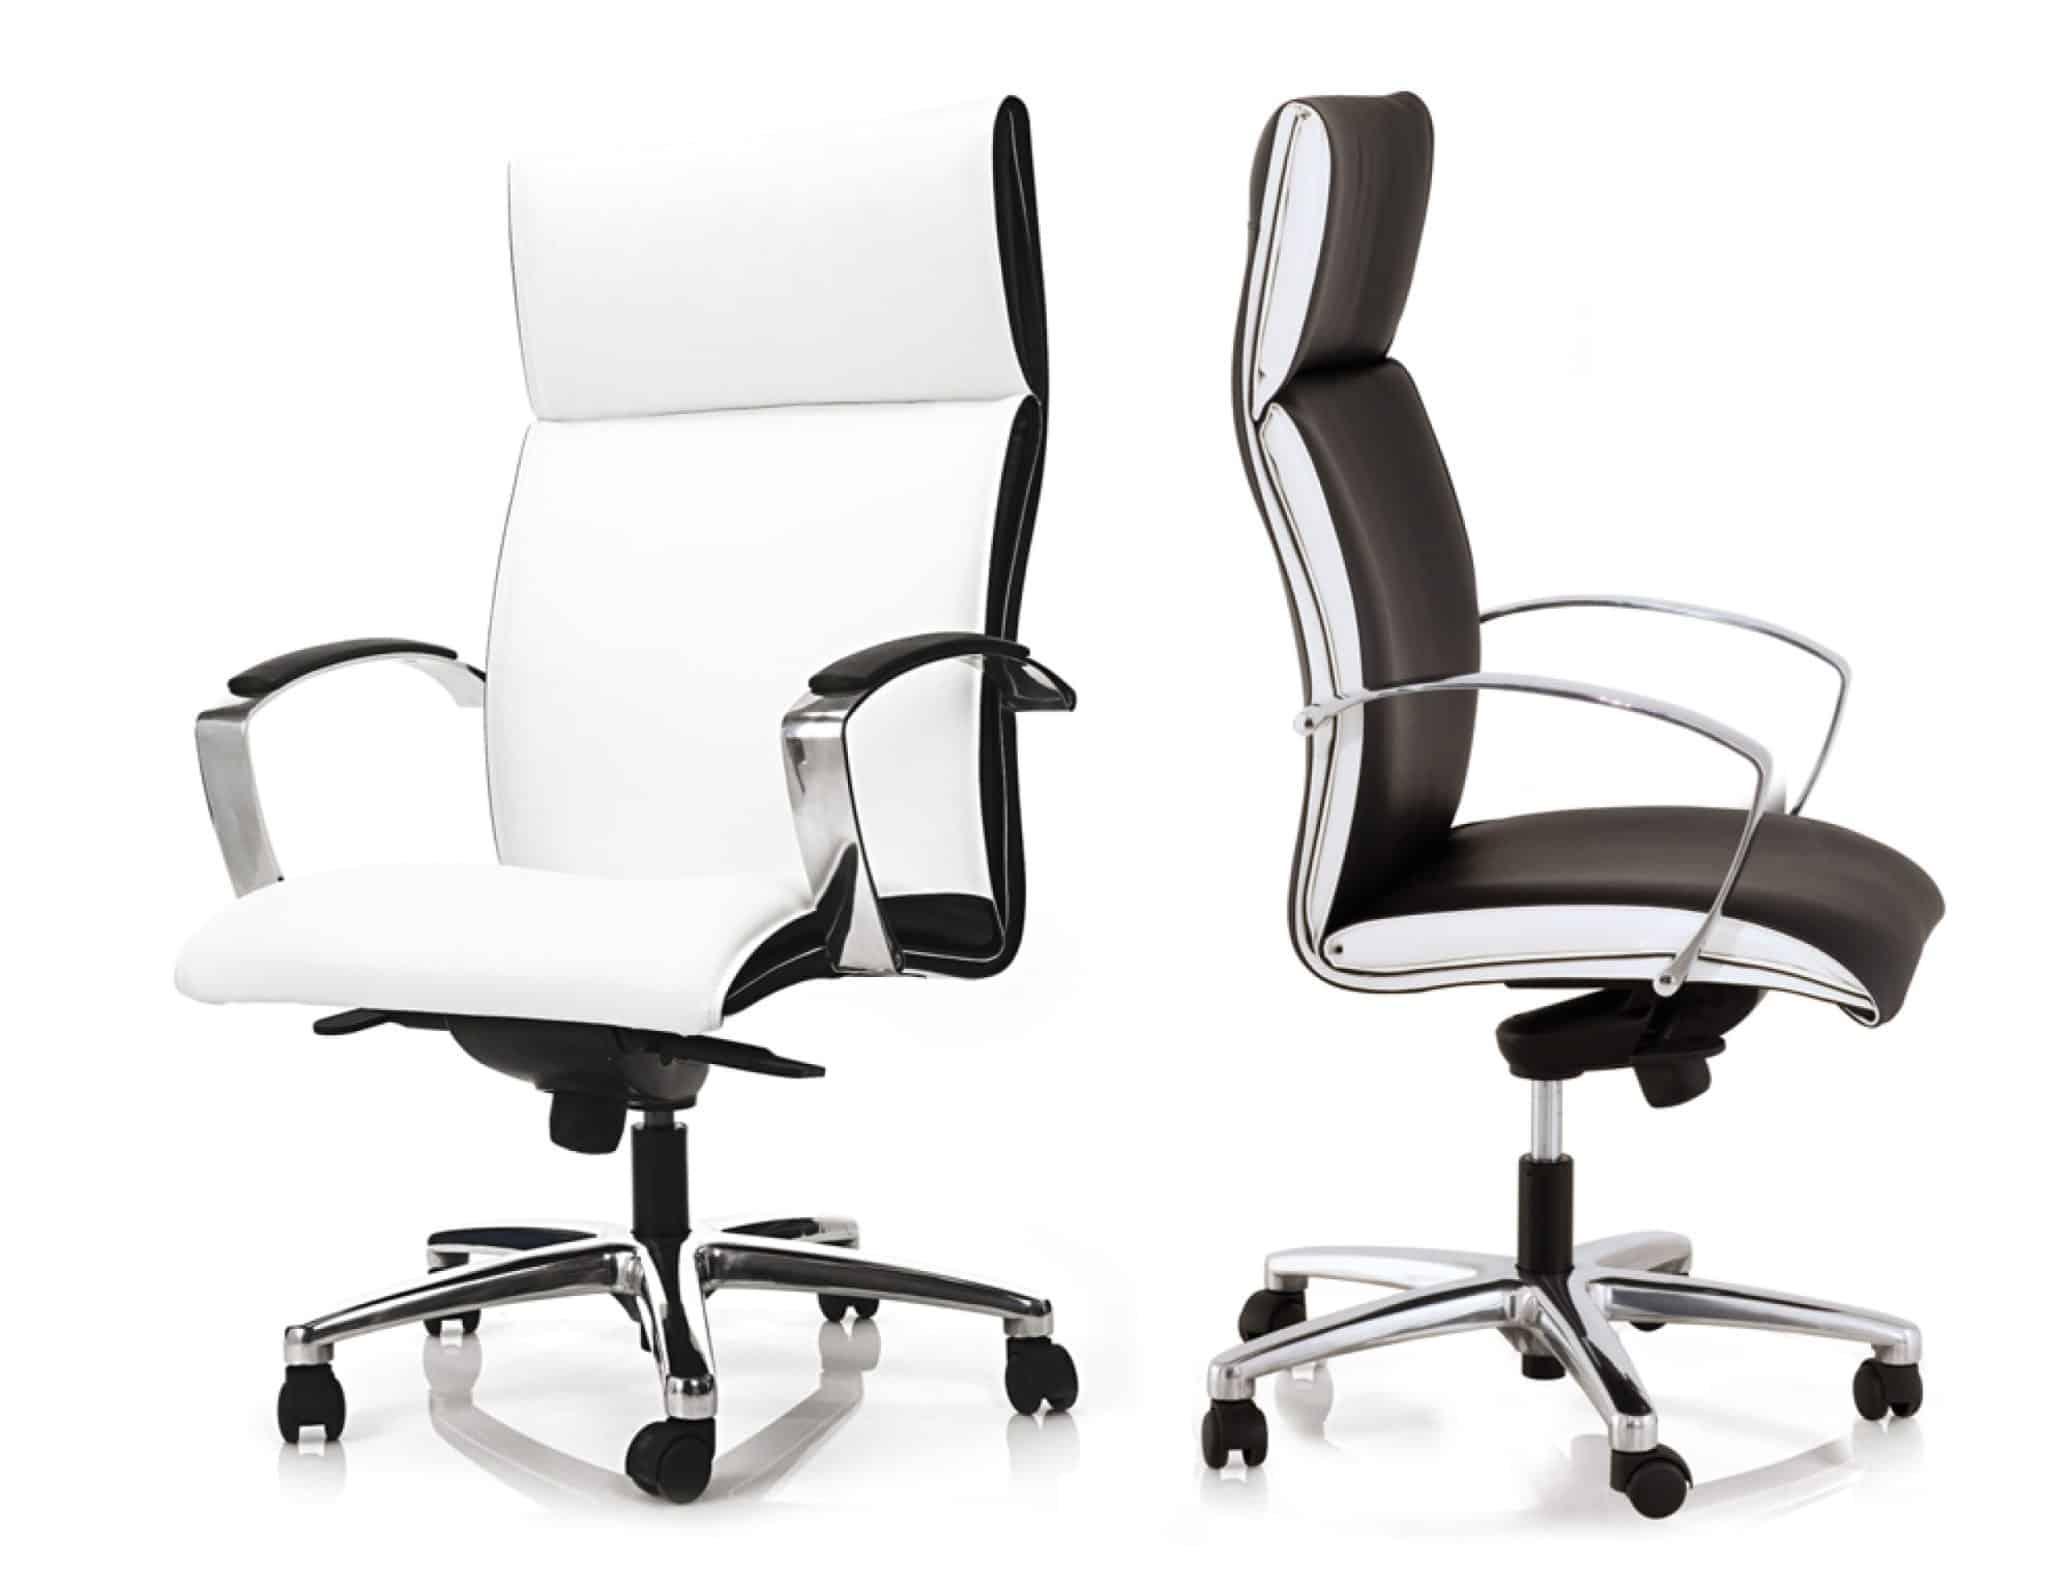 Sillones de oficina arte muebles de oficina spacio for Sillones oficina ergonomicos precios